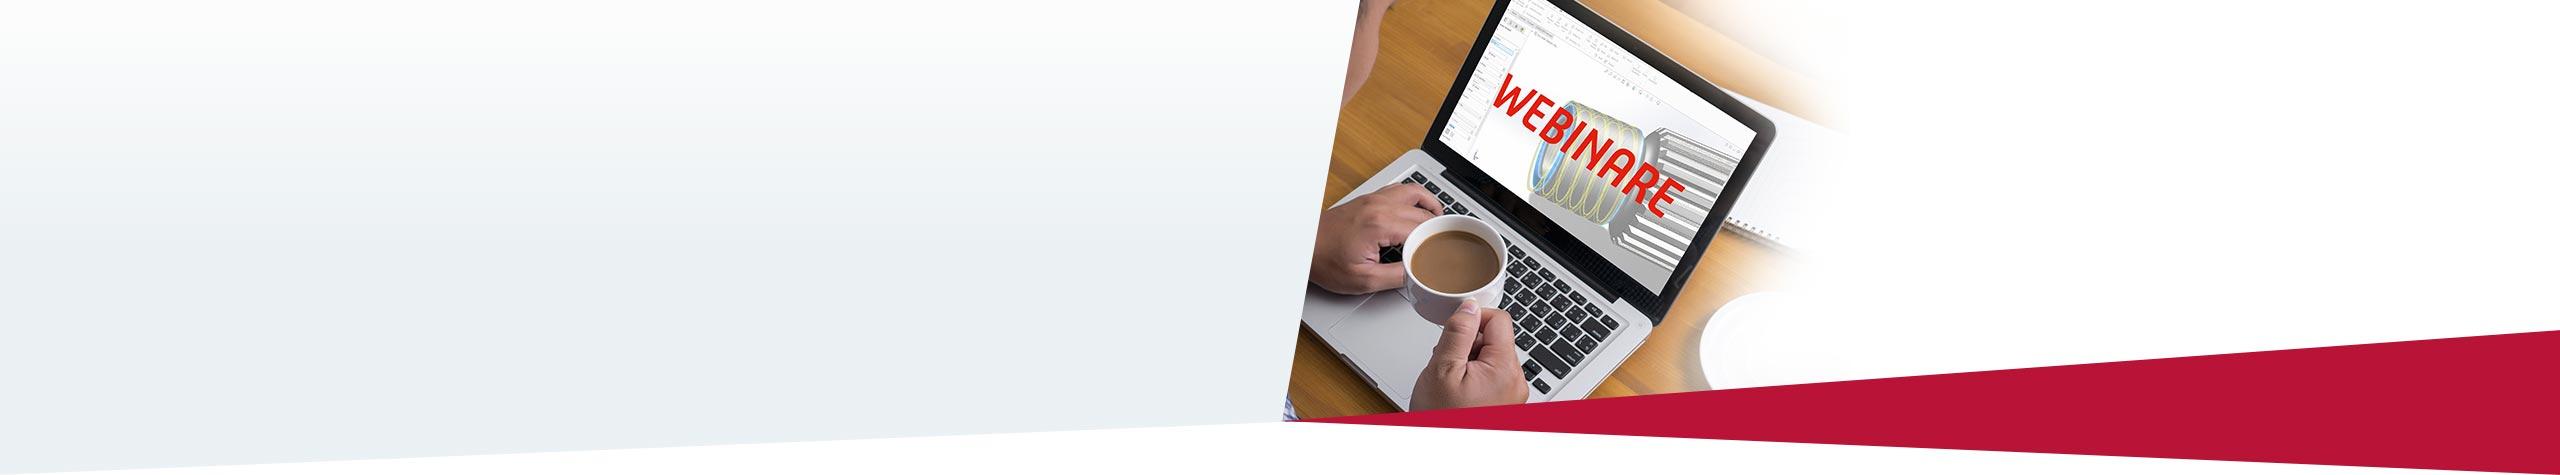 Webinare Rund um die Produktentwicklung mit SOLIDWORKS.